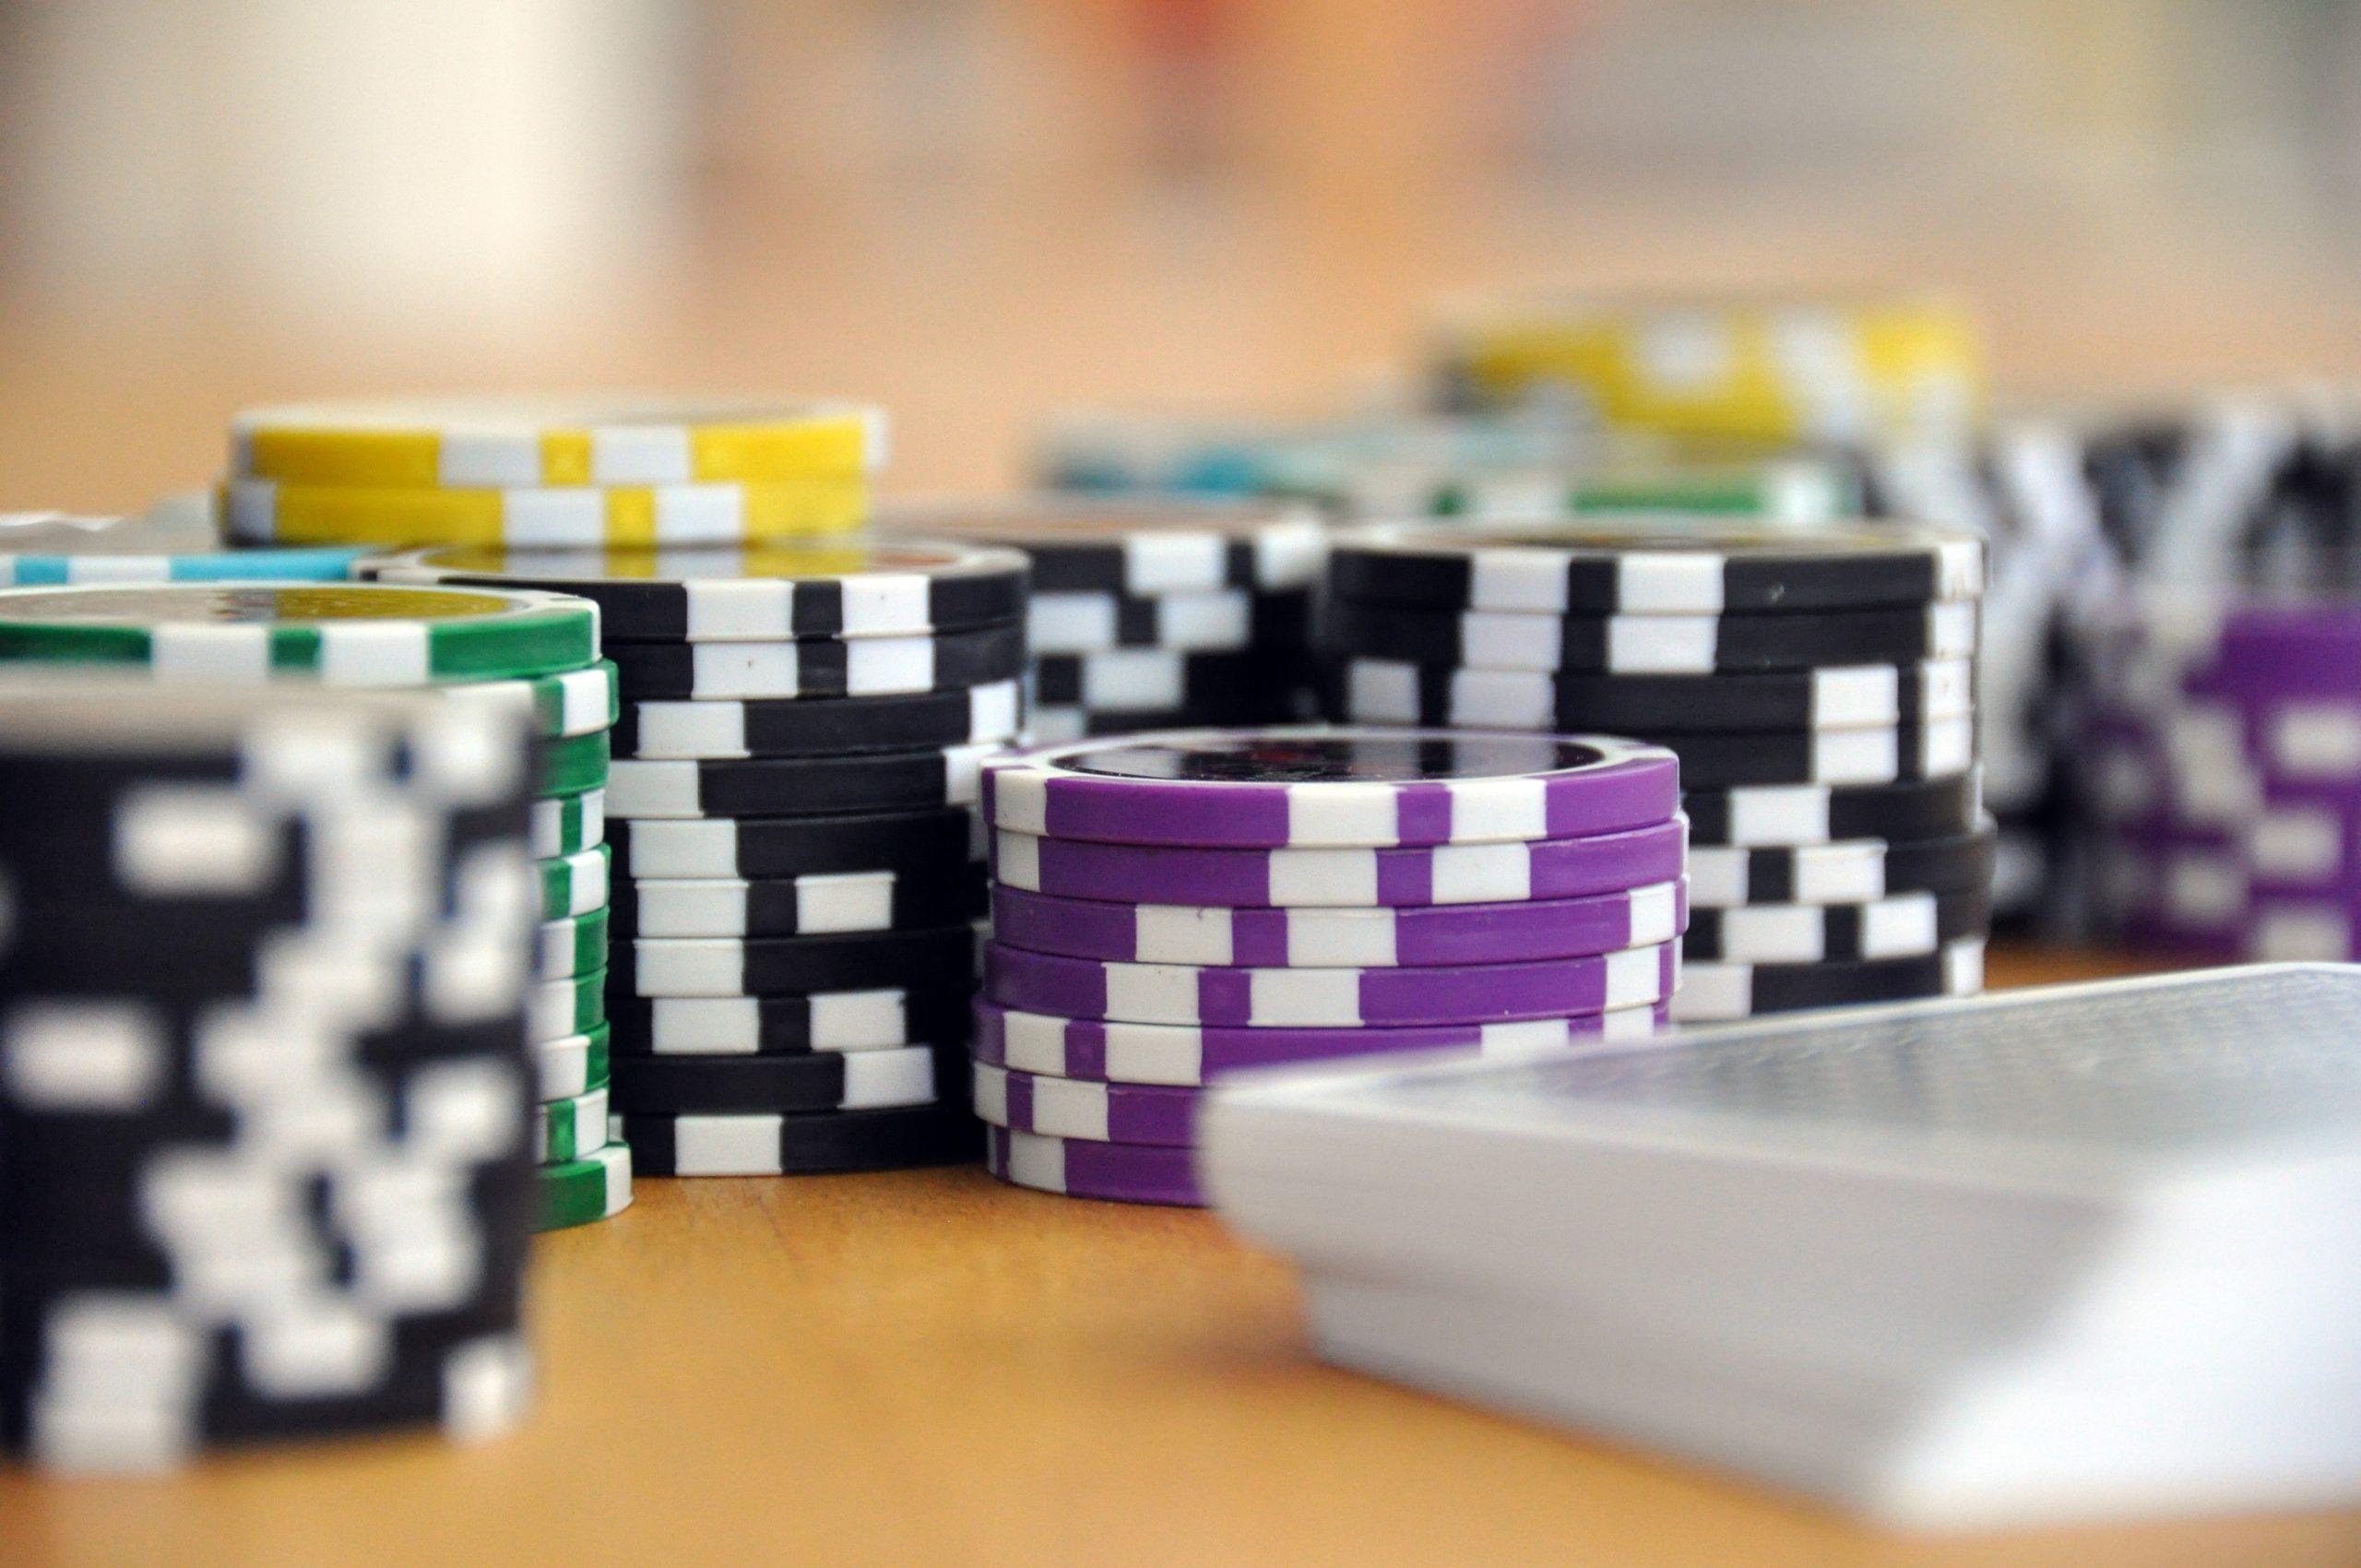 Juegos de poker. Fichas